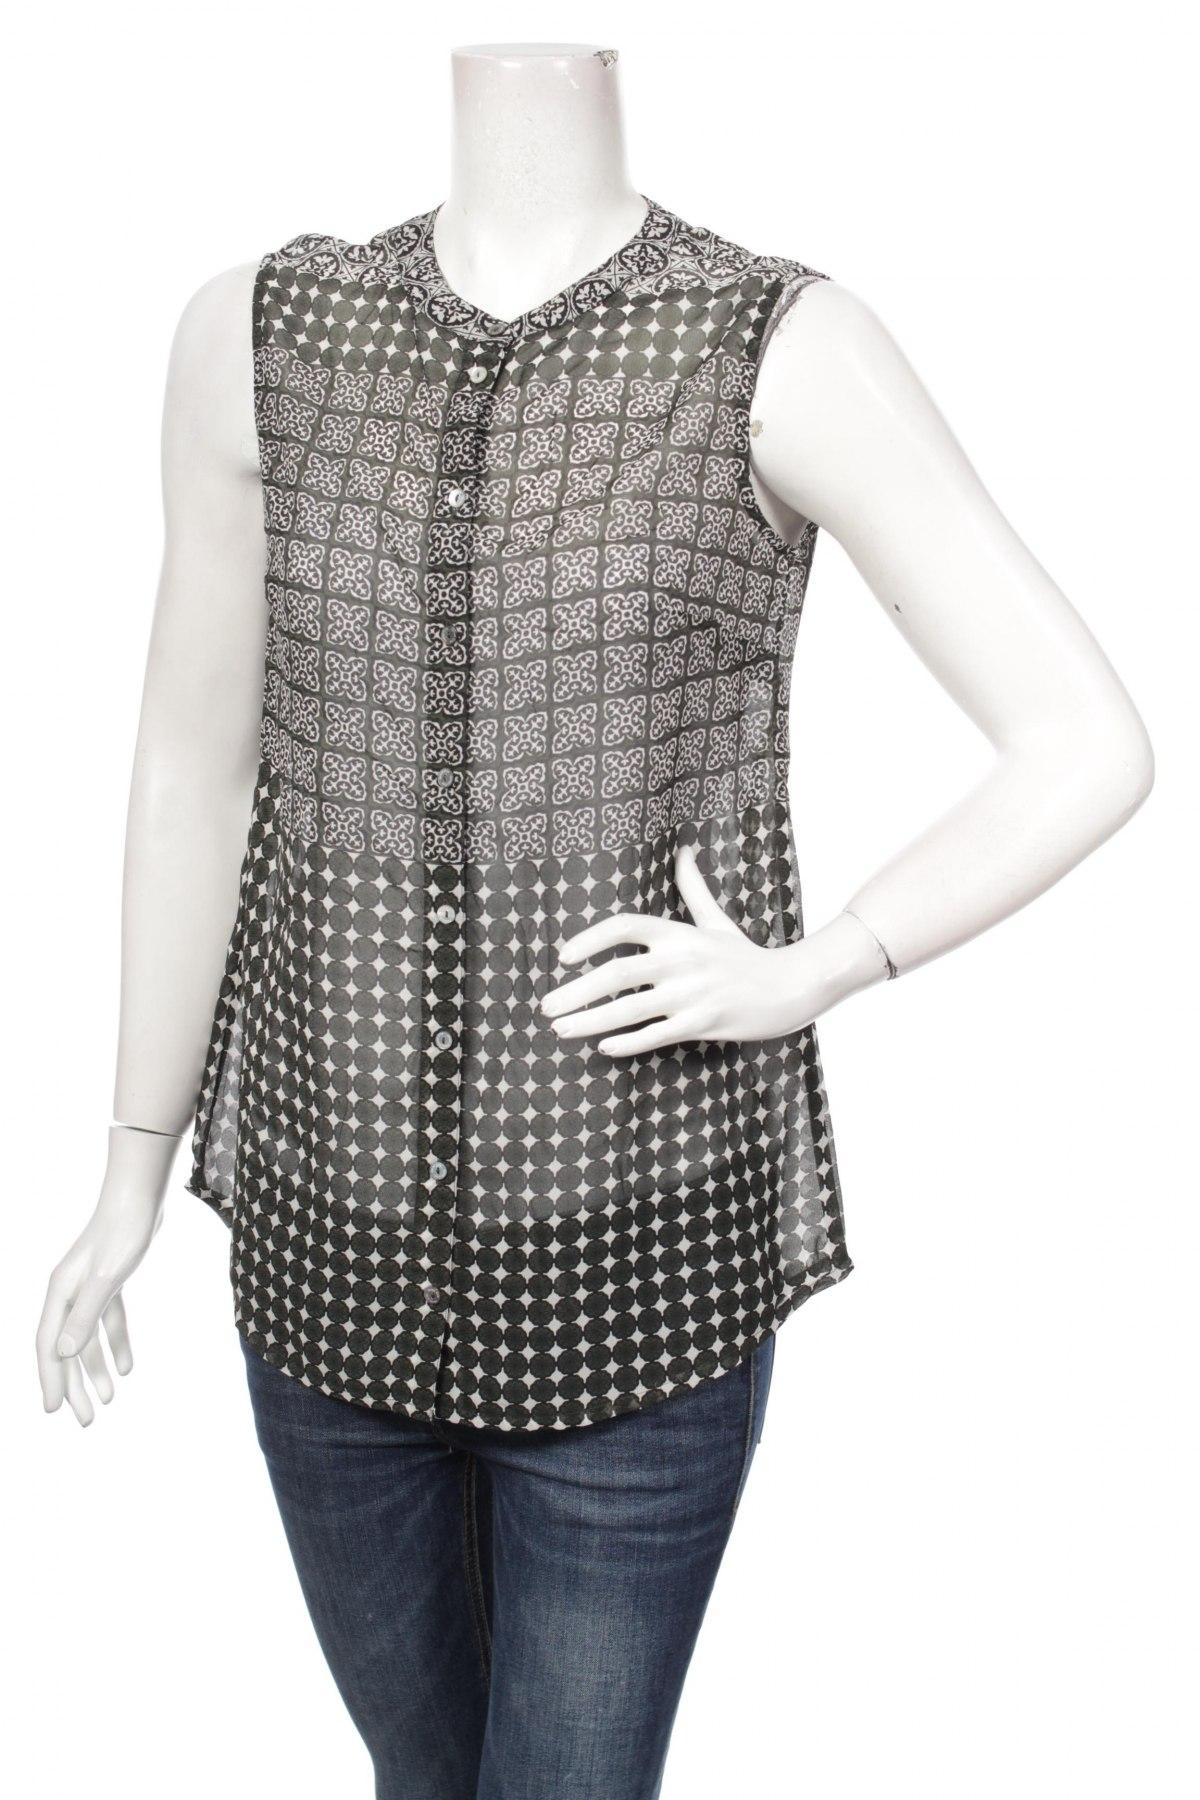 Γυναικείο πουκάμισο Street One, Μέγεθος S, Χρώμα Πολύχρωμο, 100% πολυεστέρας, Τιμή 9,90€